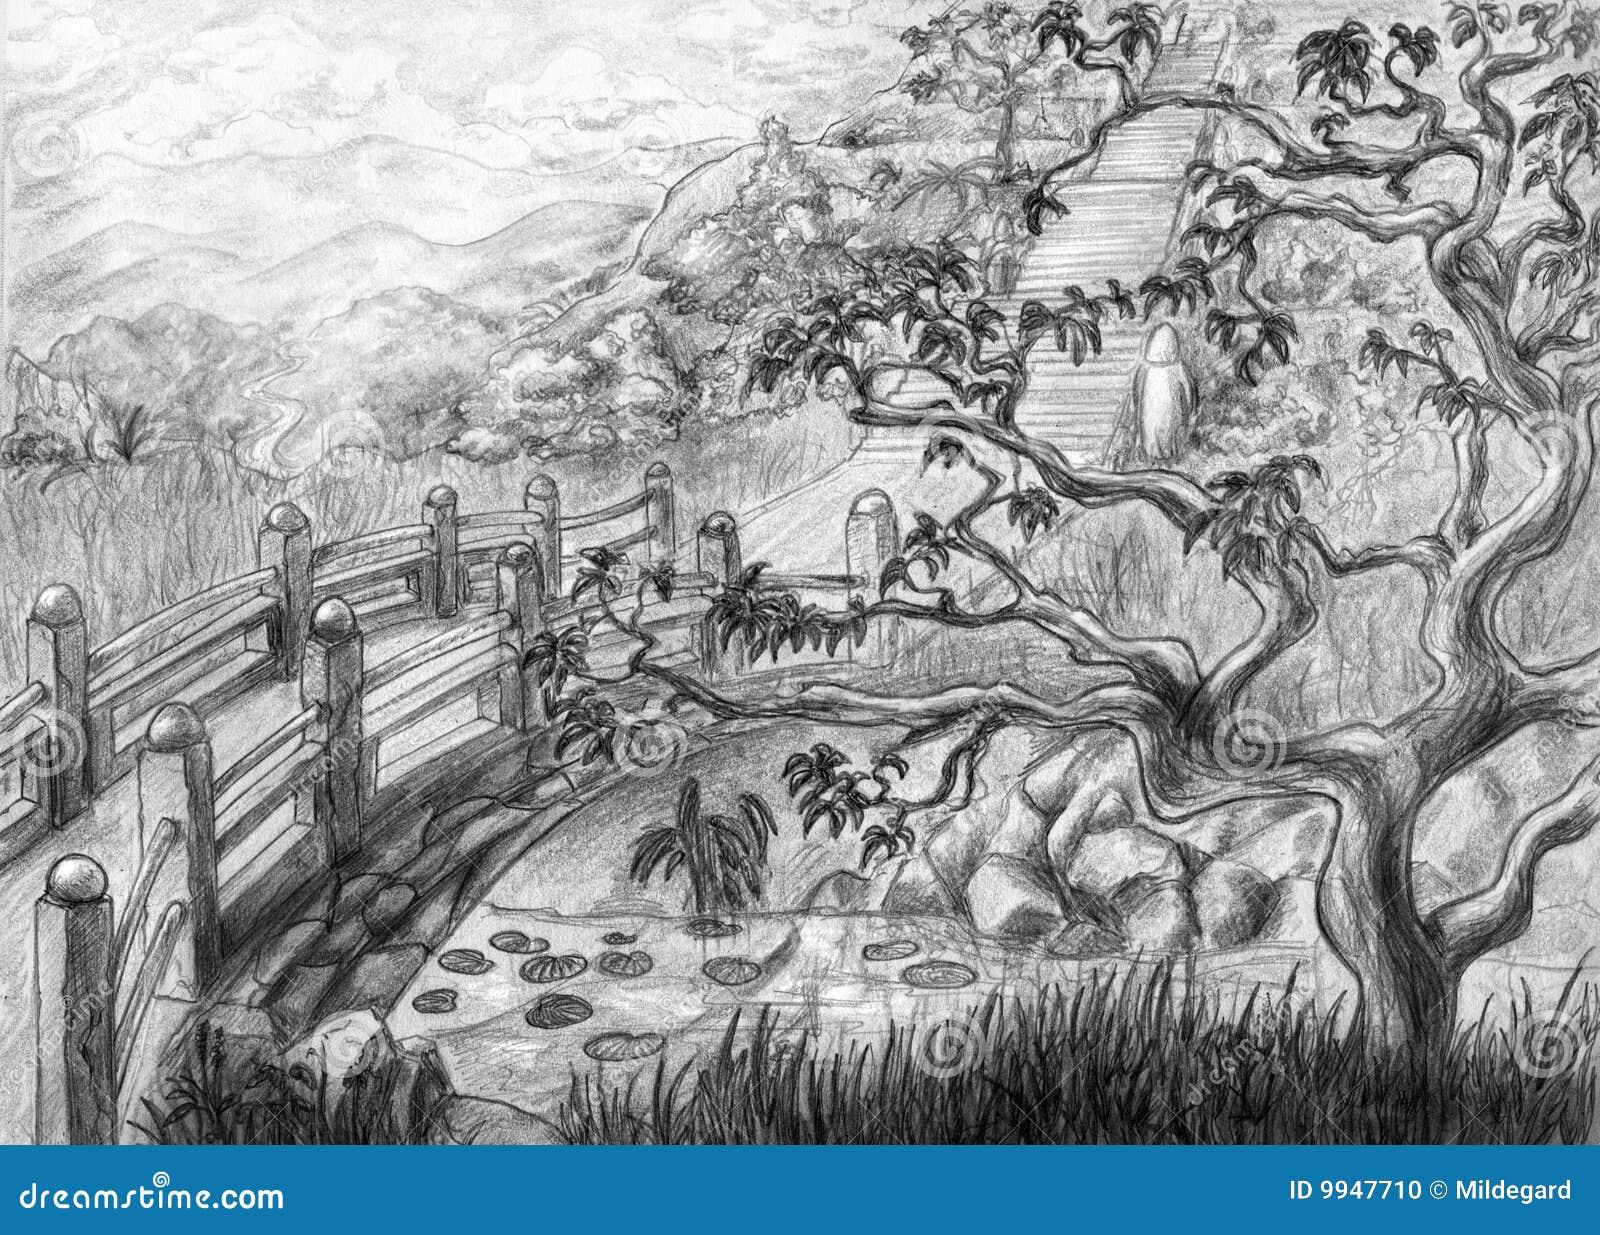 hidden shrine stock illustration image of landscape branch 9947710. Black Bedroom Furniture Sets. Home Design Ideas